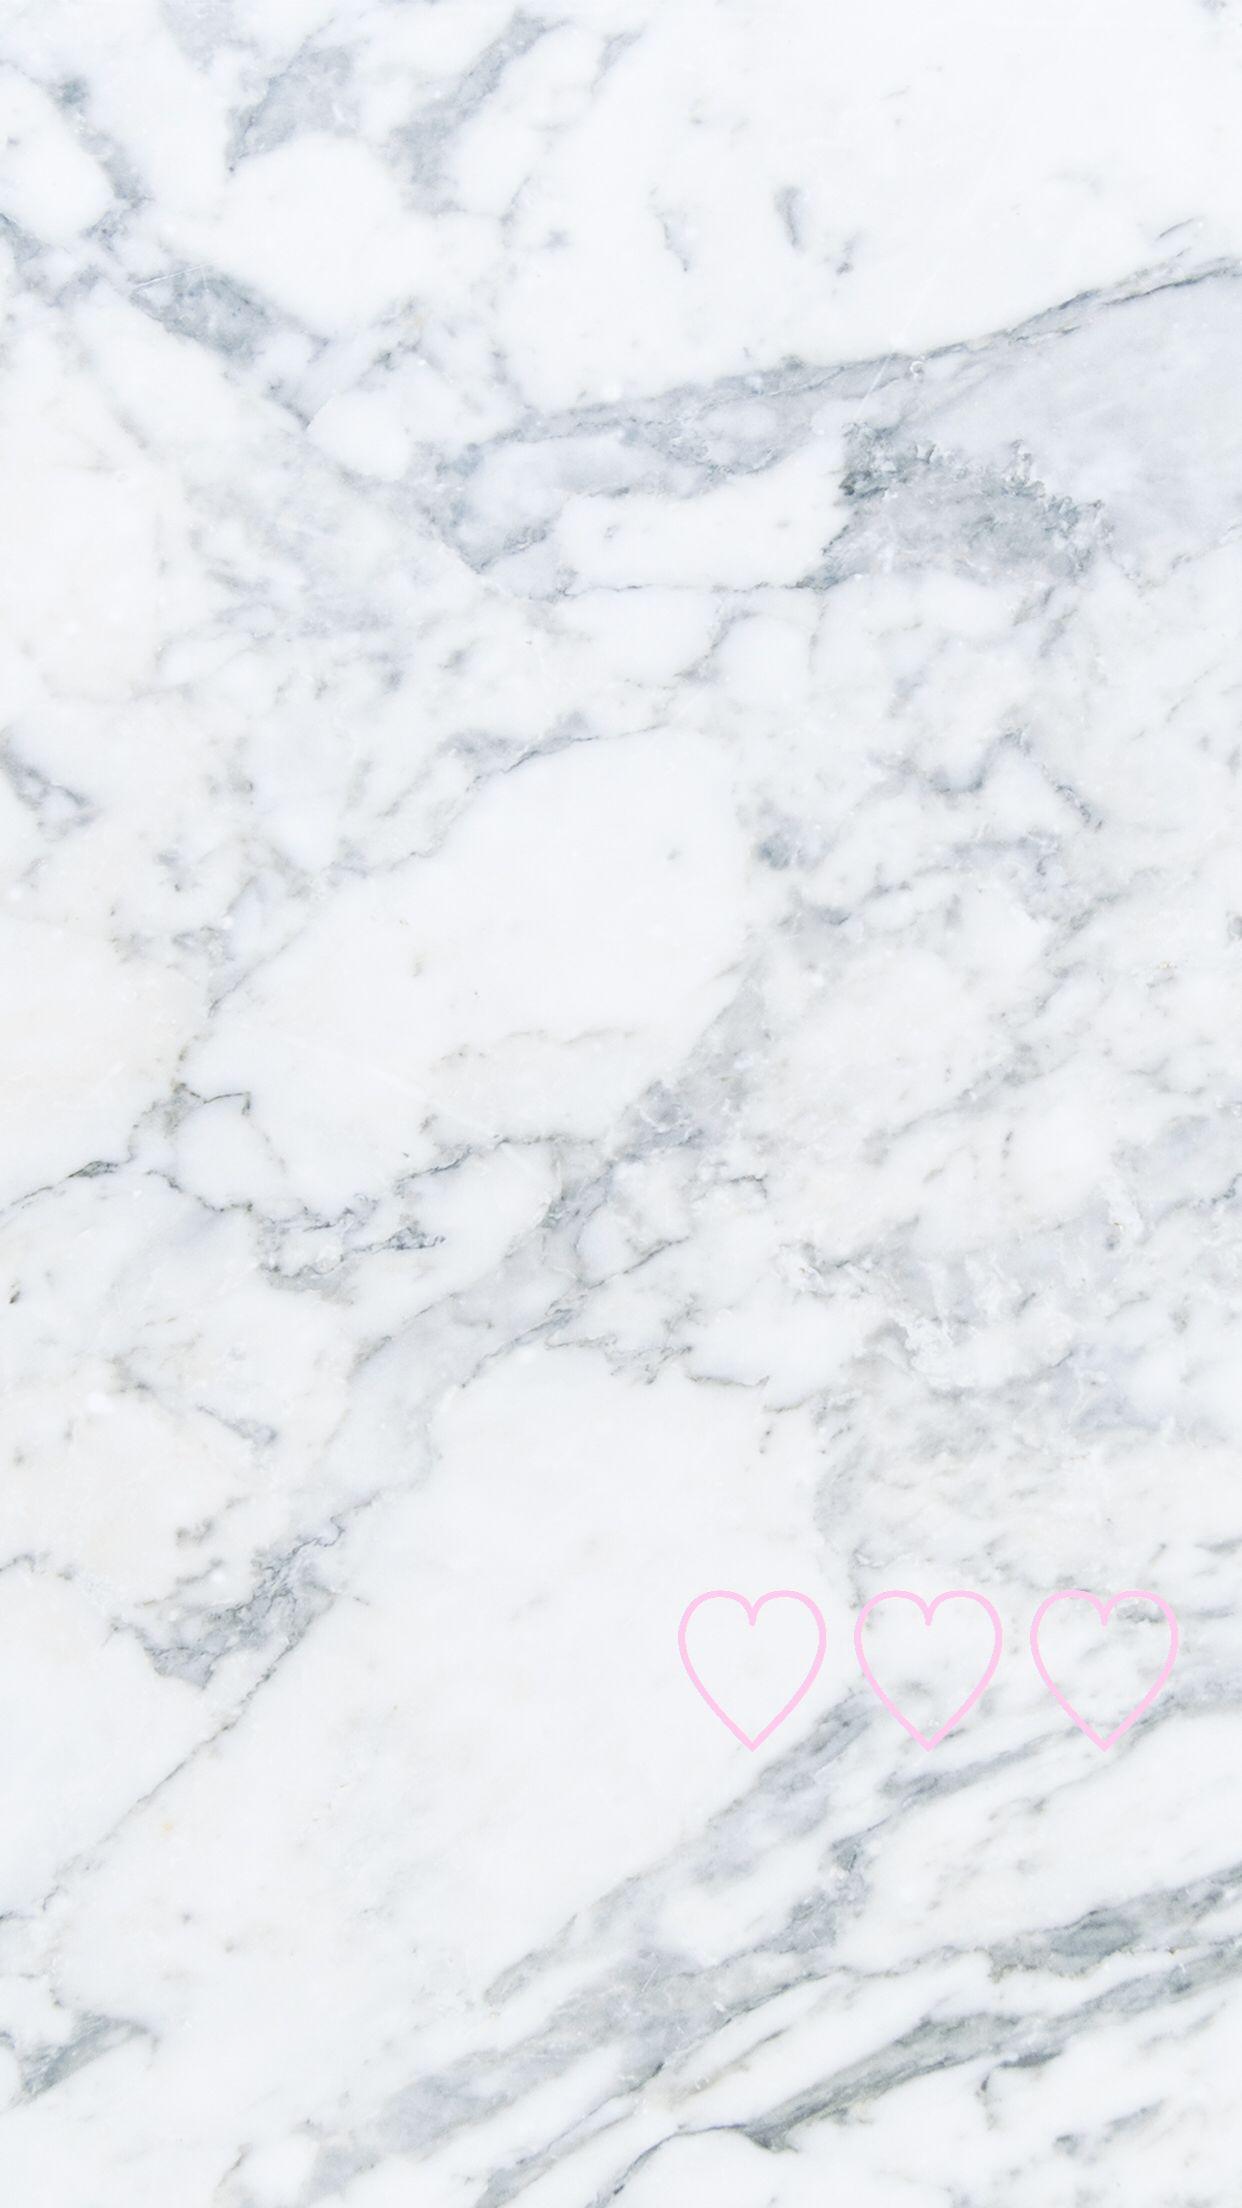 Great Wallpaper Marble Heart - 59d821d1fbf1f7fb3e80b68056ac01ec  You Should Have_41774.jpg